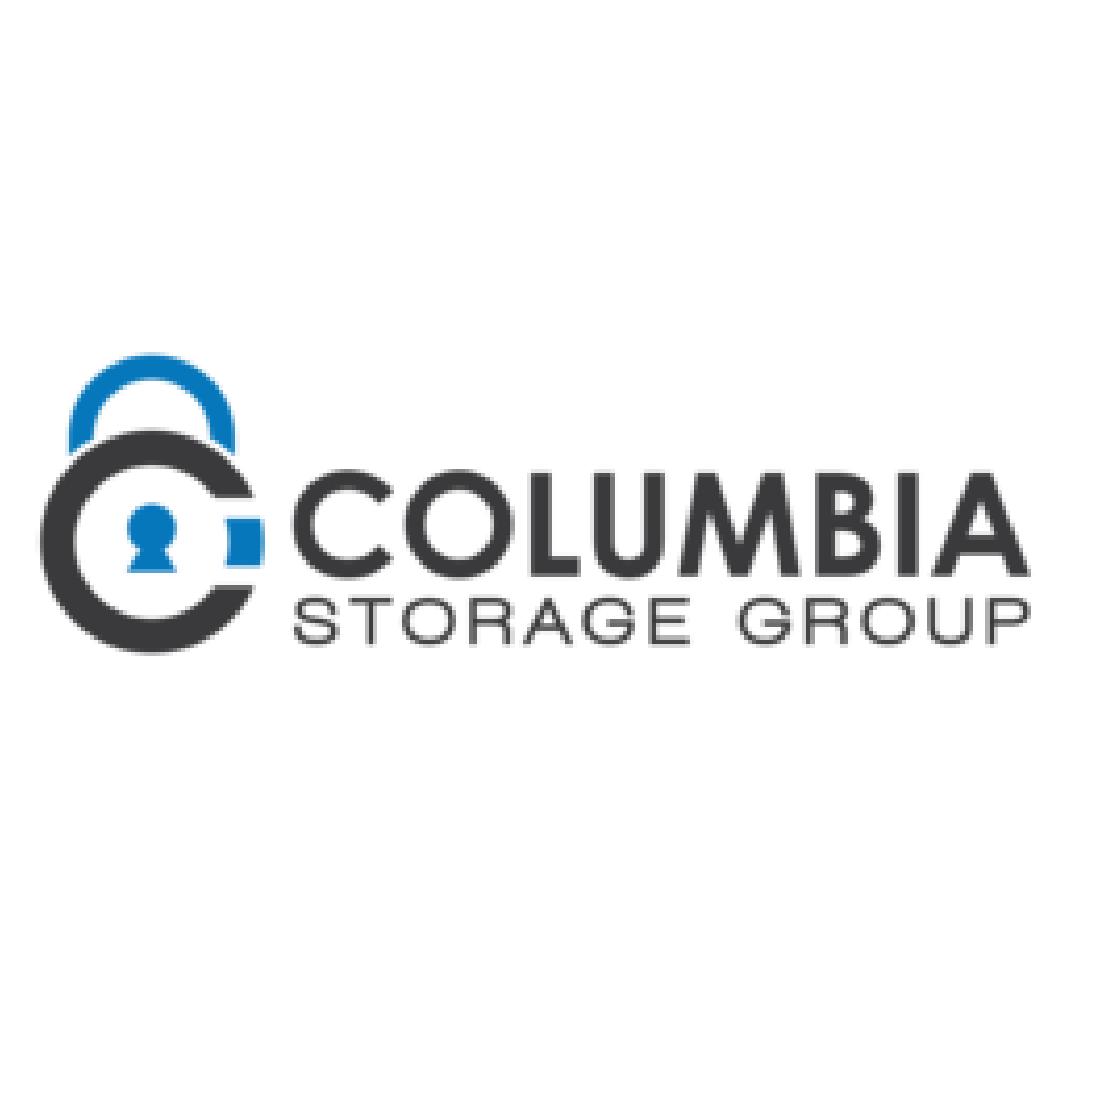 Columbia Self Storage - Hamburg, NJ 07419 - (973)975-4060 | ShowMeLocal.com